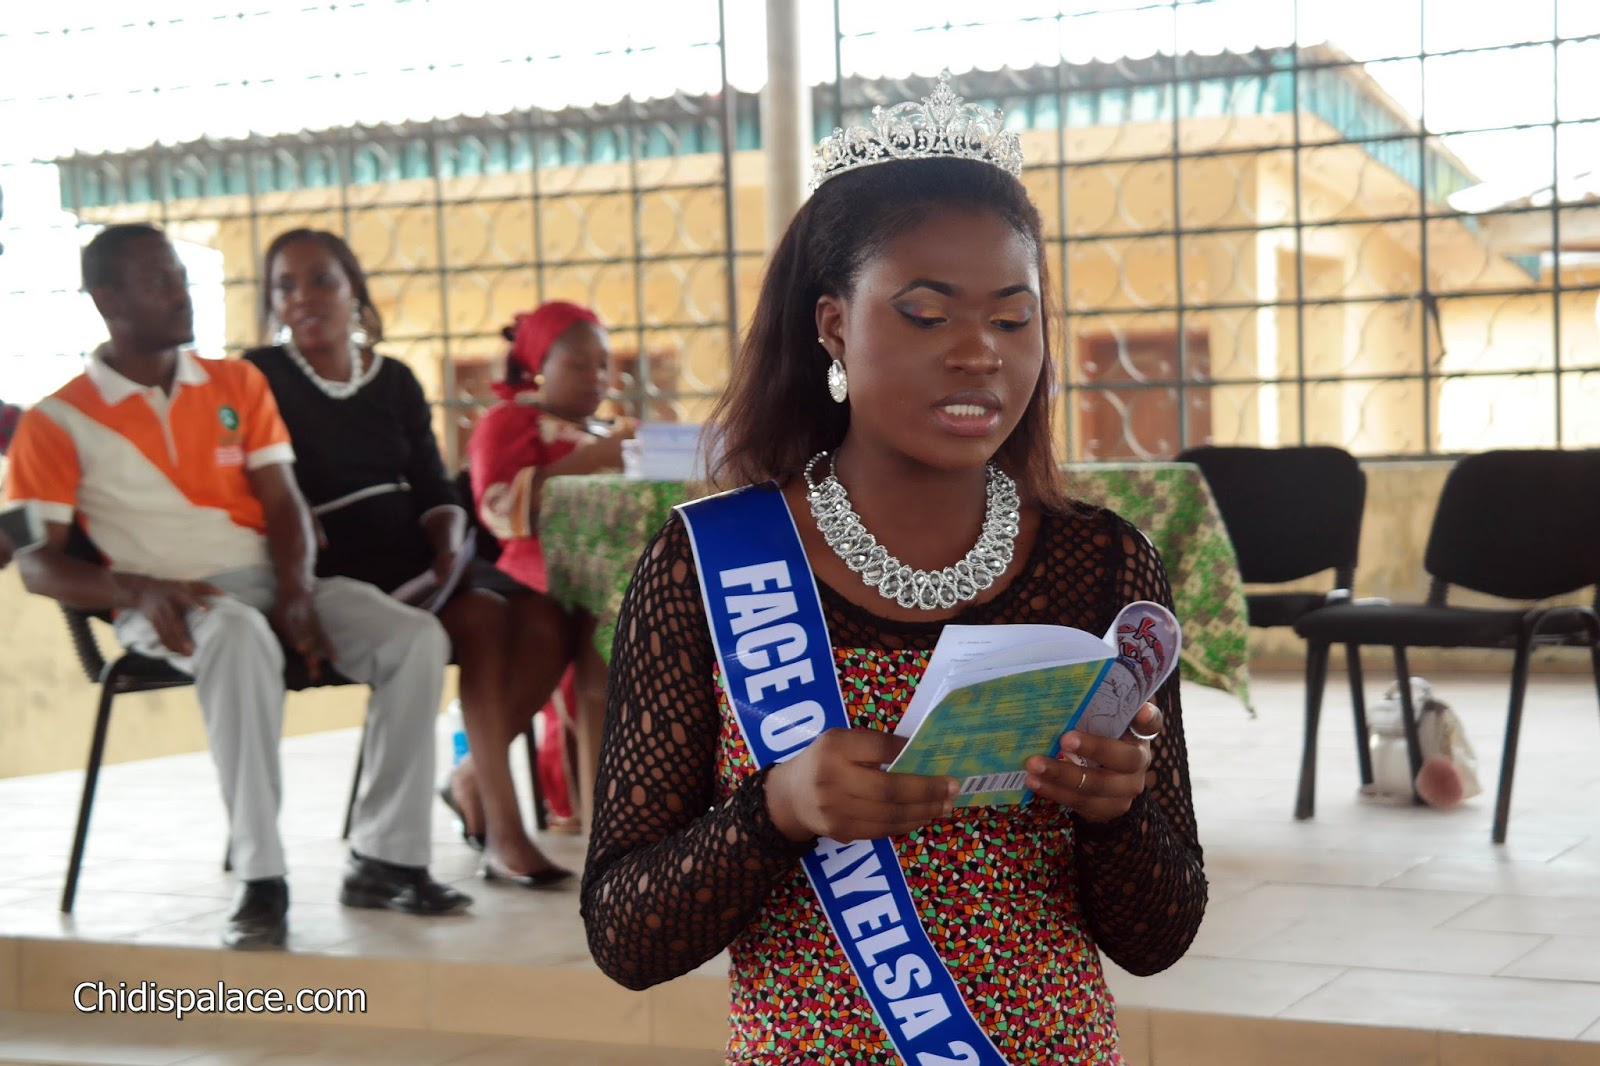 Beauty Queen a Fantastic Reader - chidispalace.com